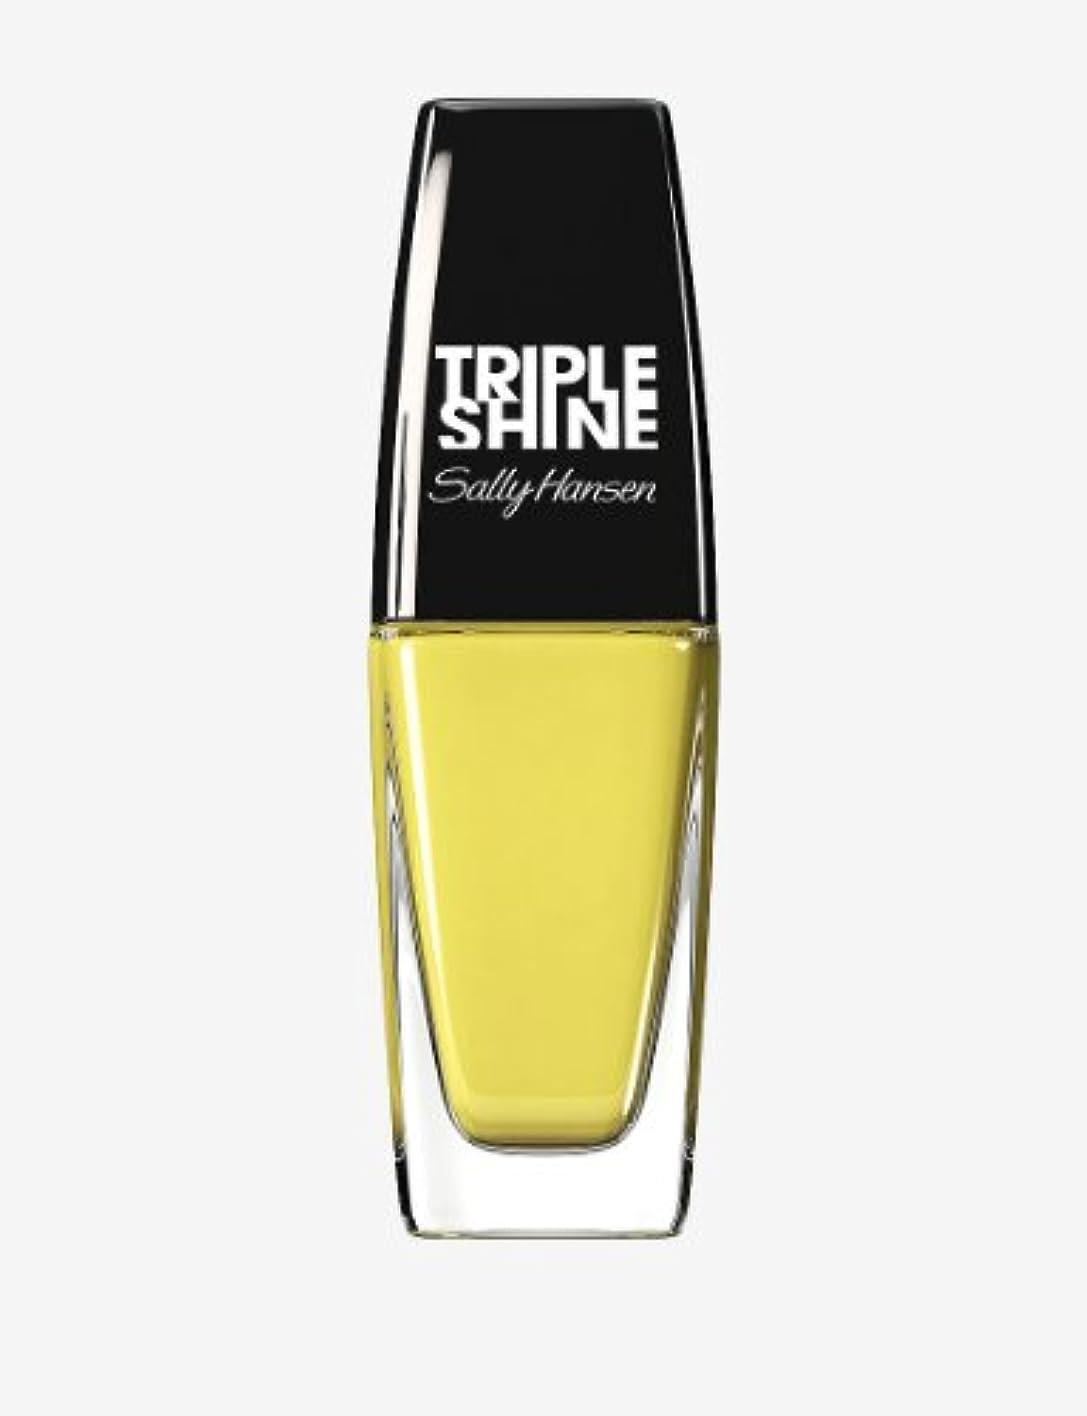 アナニバーピクニックをする酸化物SALLY HANSEN Triple Shine Nail Polish - Statemint (並行輸入品)